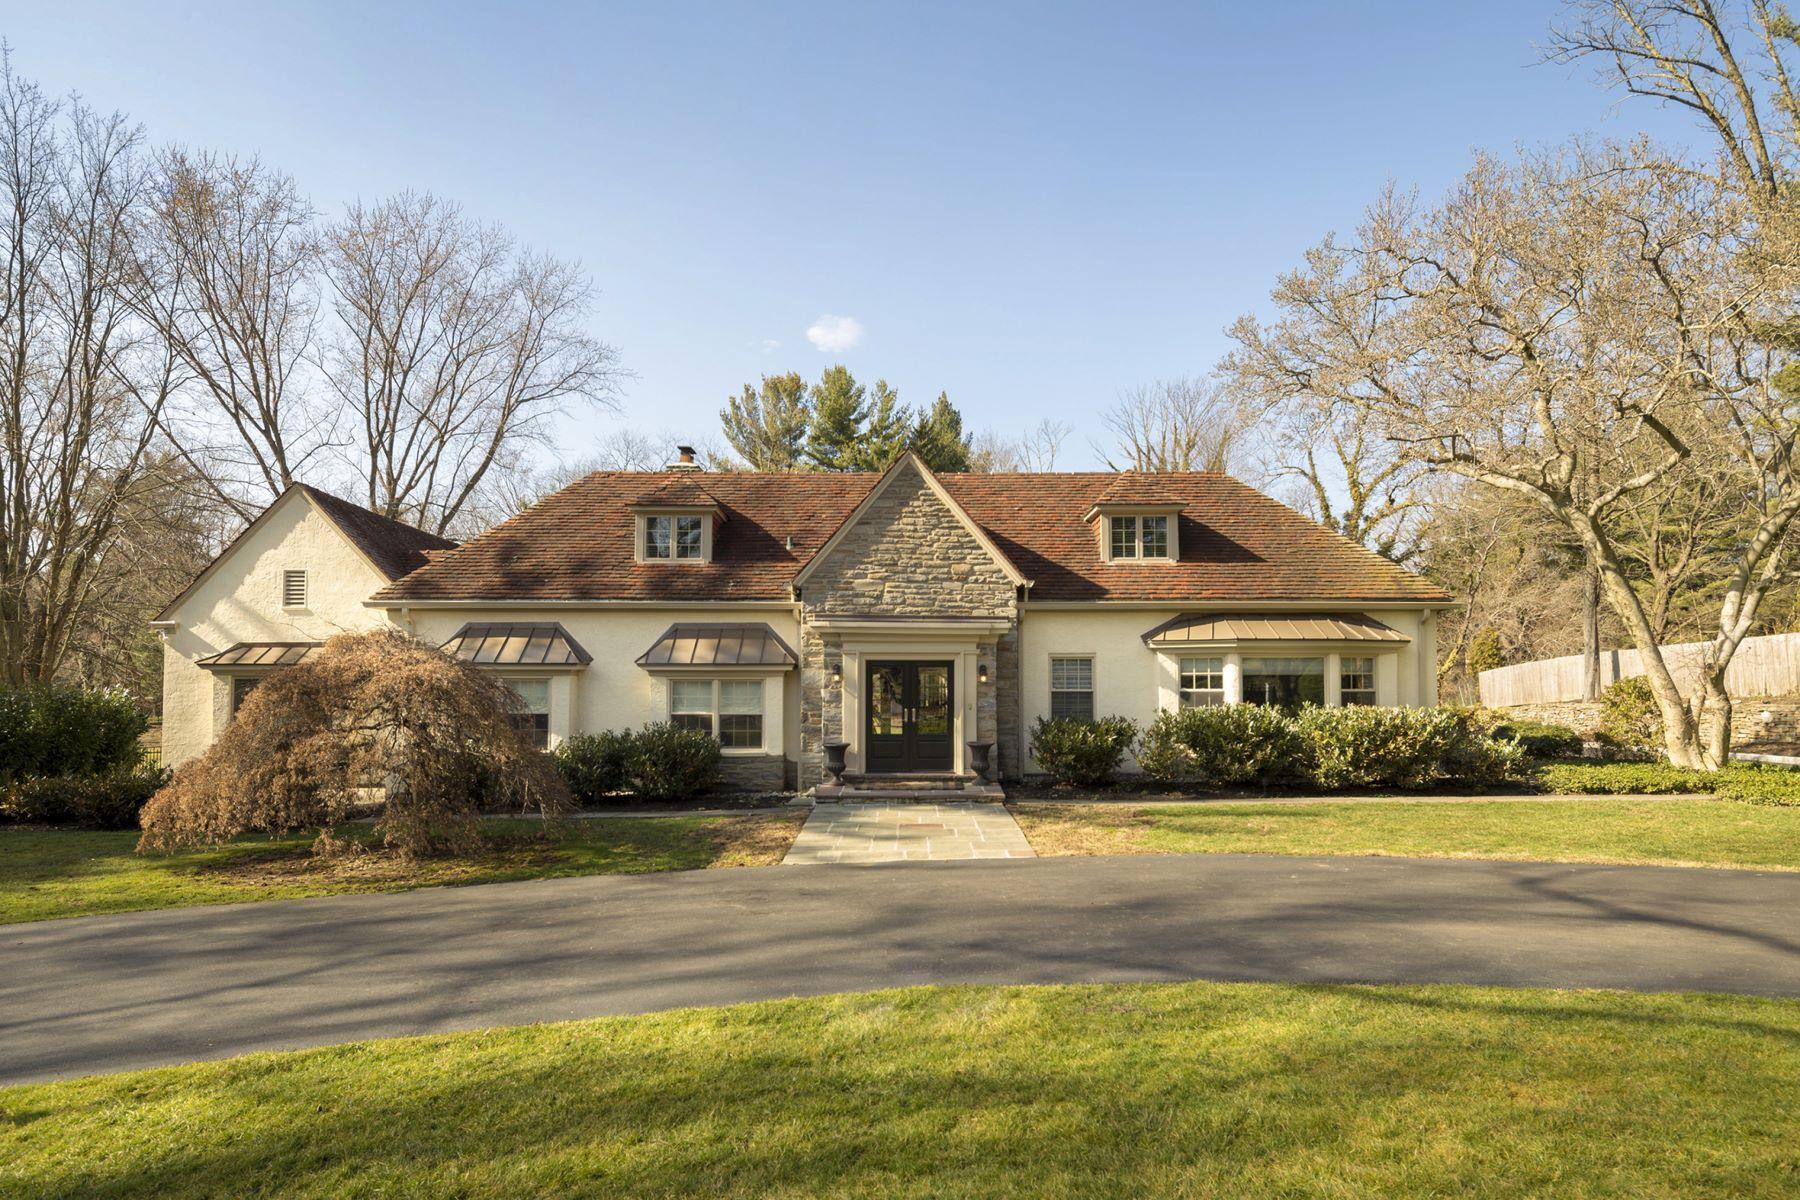 Maison unifamiliale pour l Vente à Main Line Refinement 1101 W INDIAN CREEK RD, Wynnewood, Pennsylvanie 19096 États-Unis